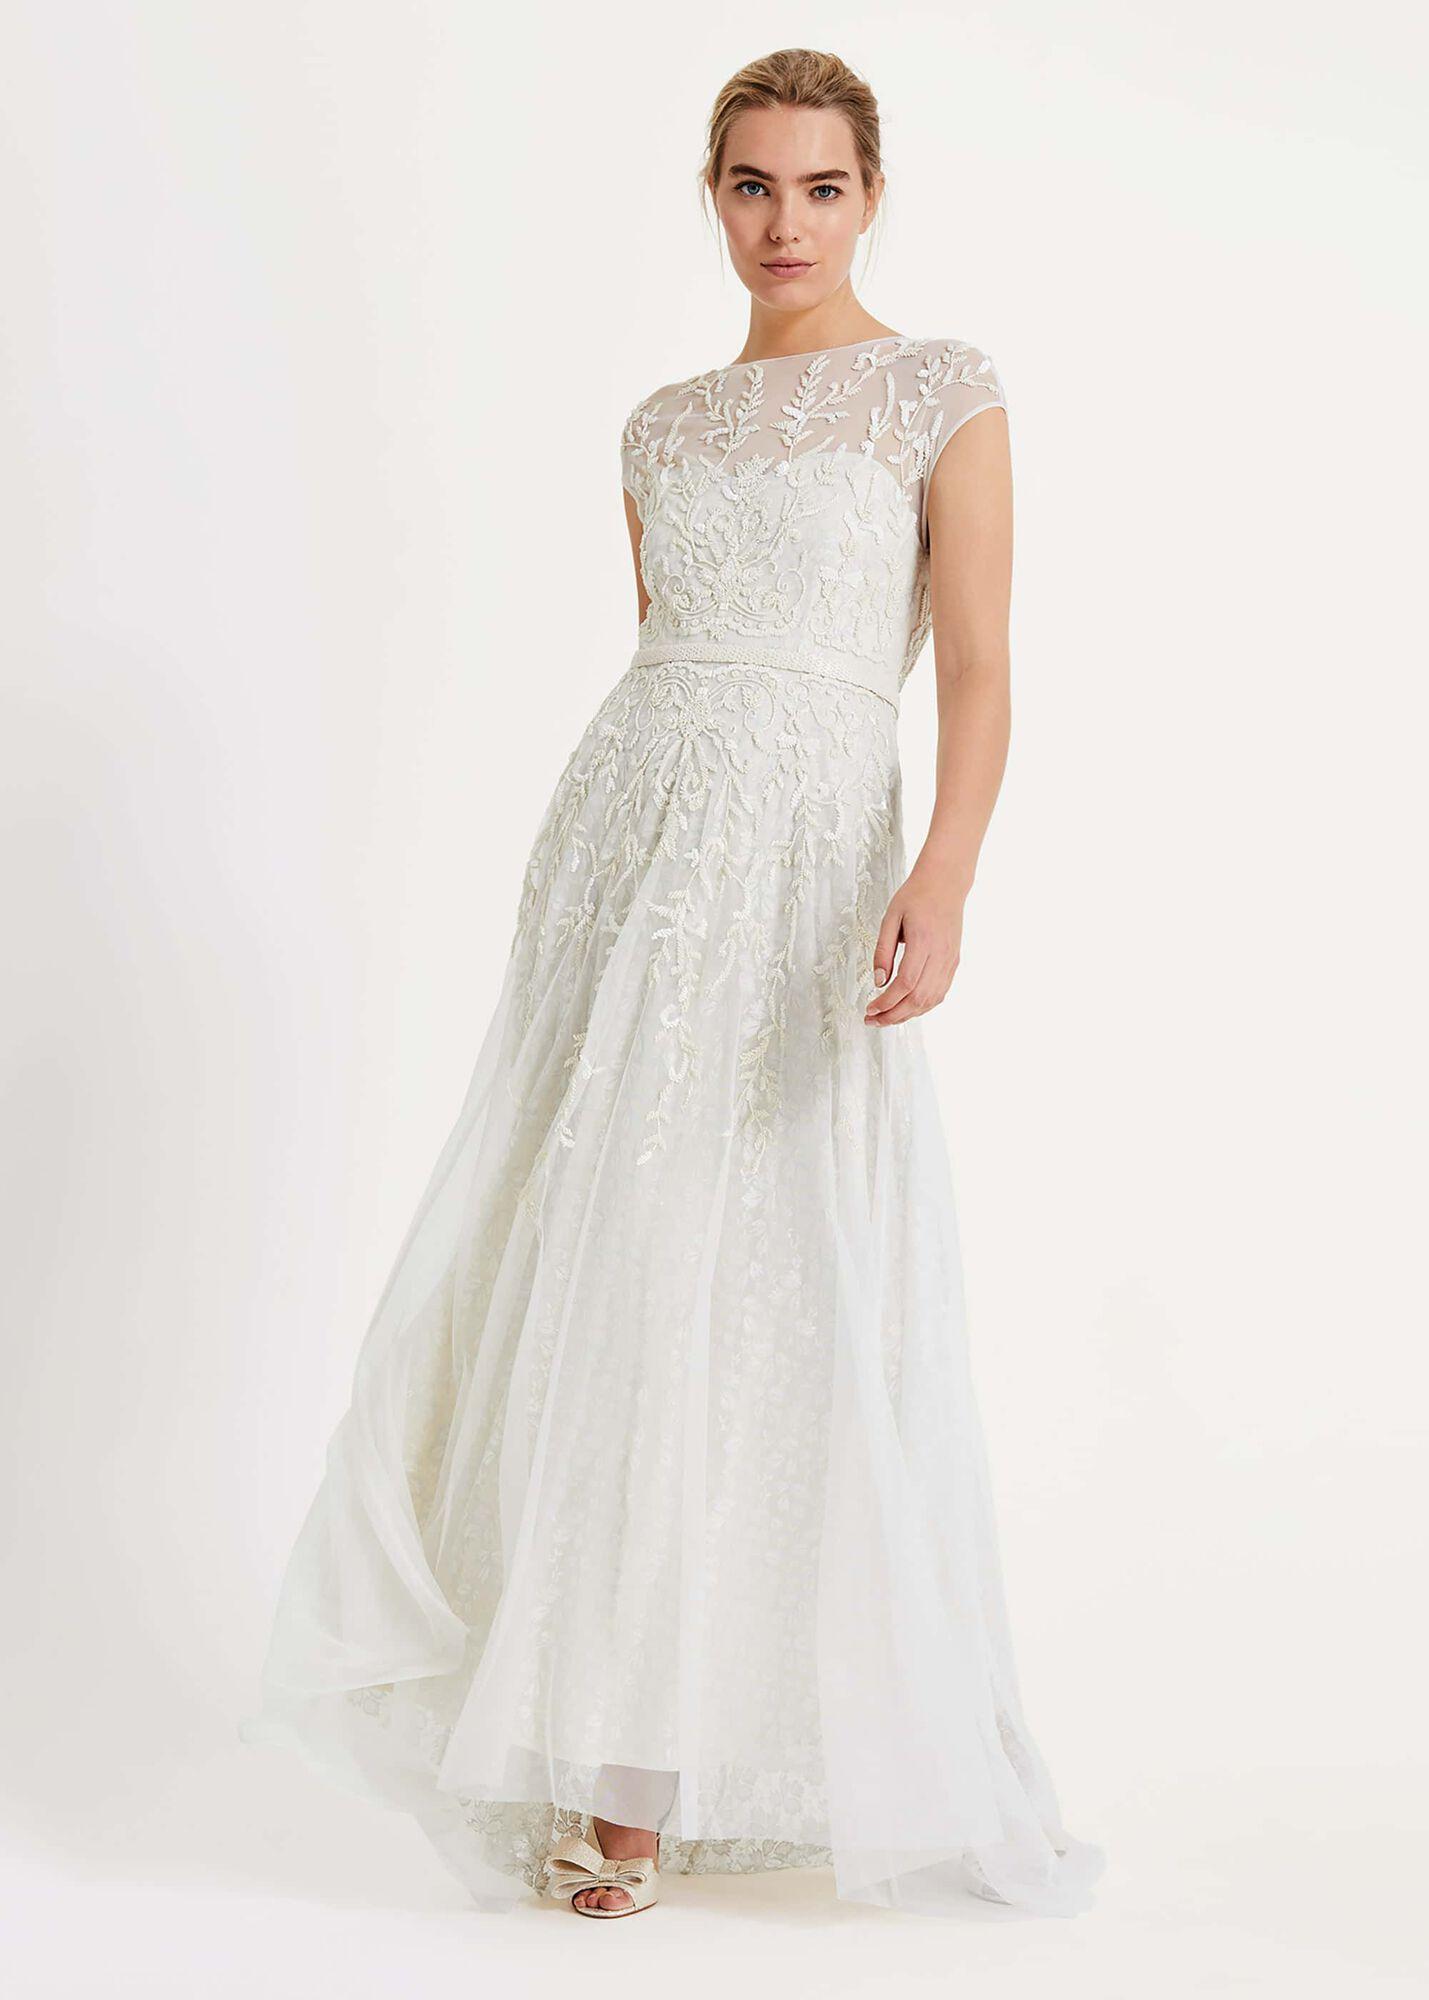 a50b5e5266aee Mylee Embellished Wedding Dress | Phase Eight | Phase Eight